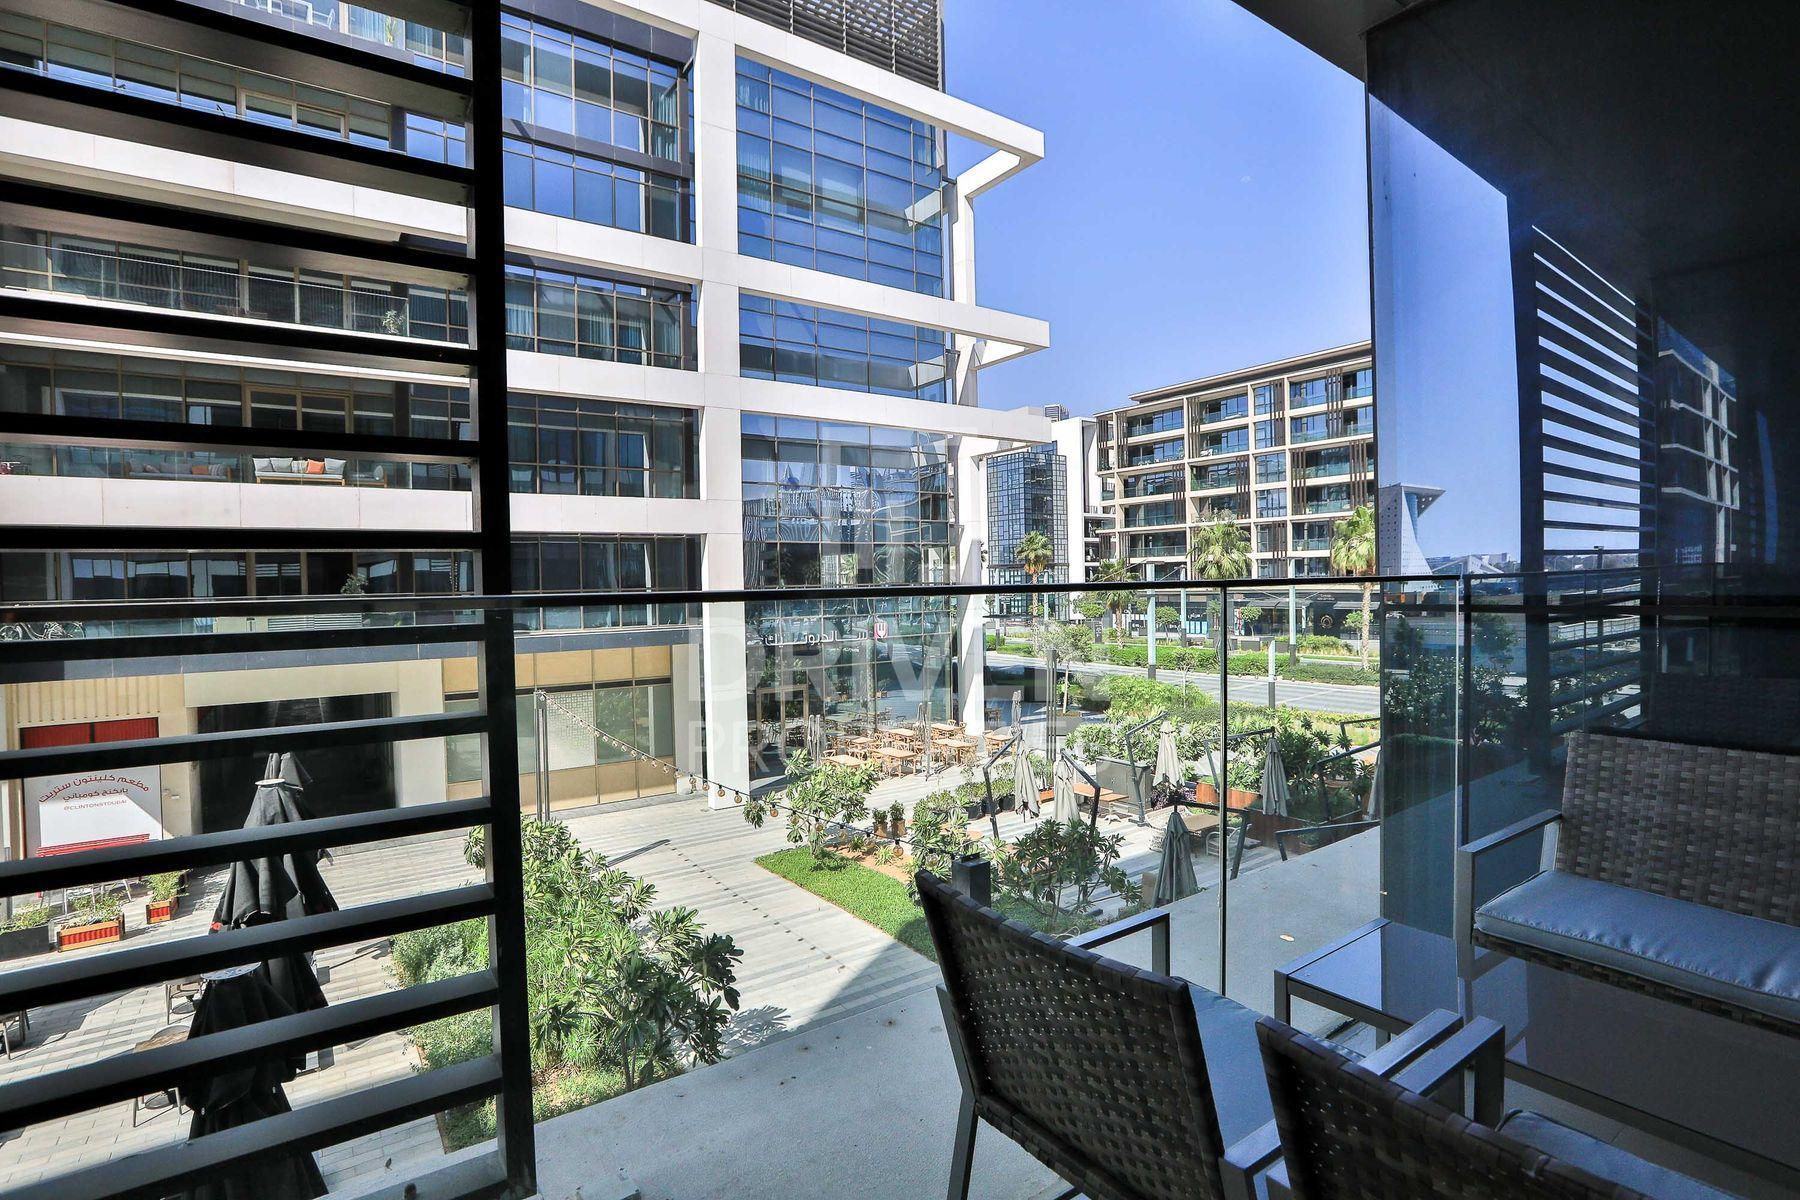 للبيع - شقة - 11A بناية - سيتي ووك